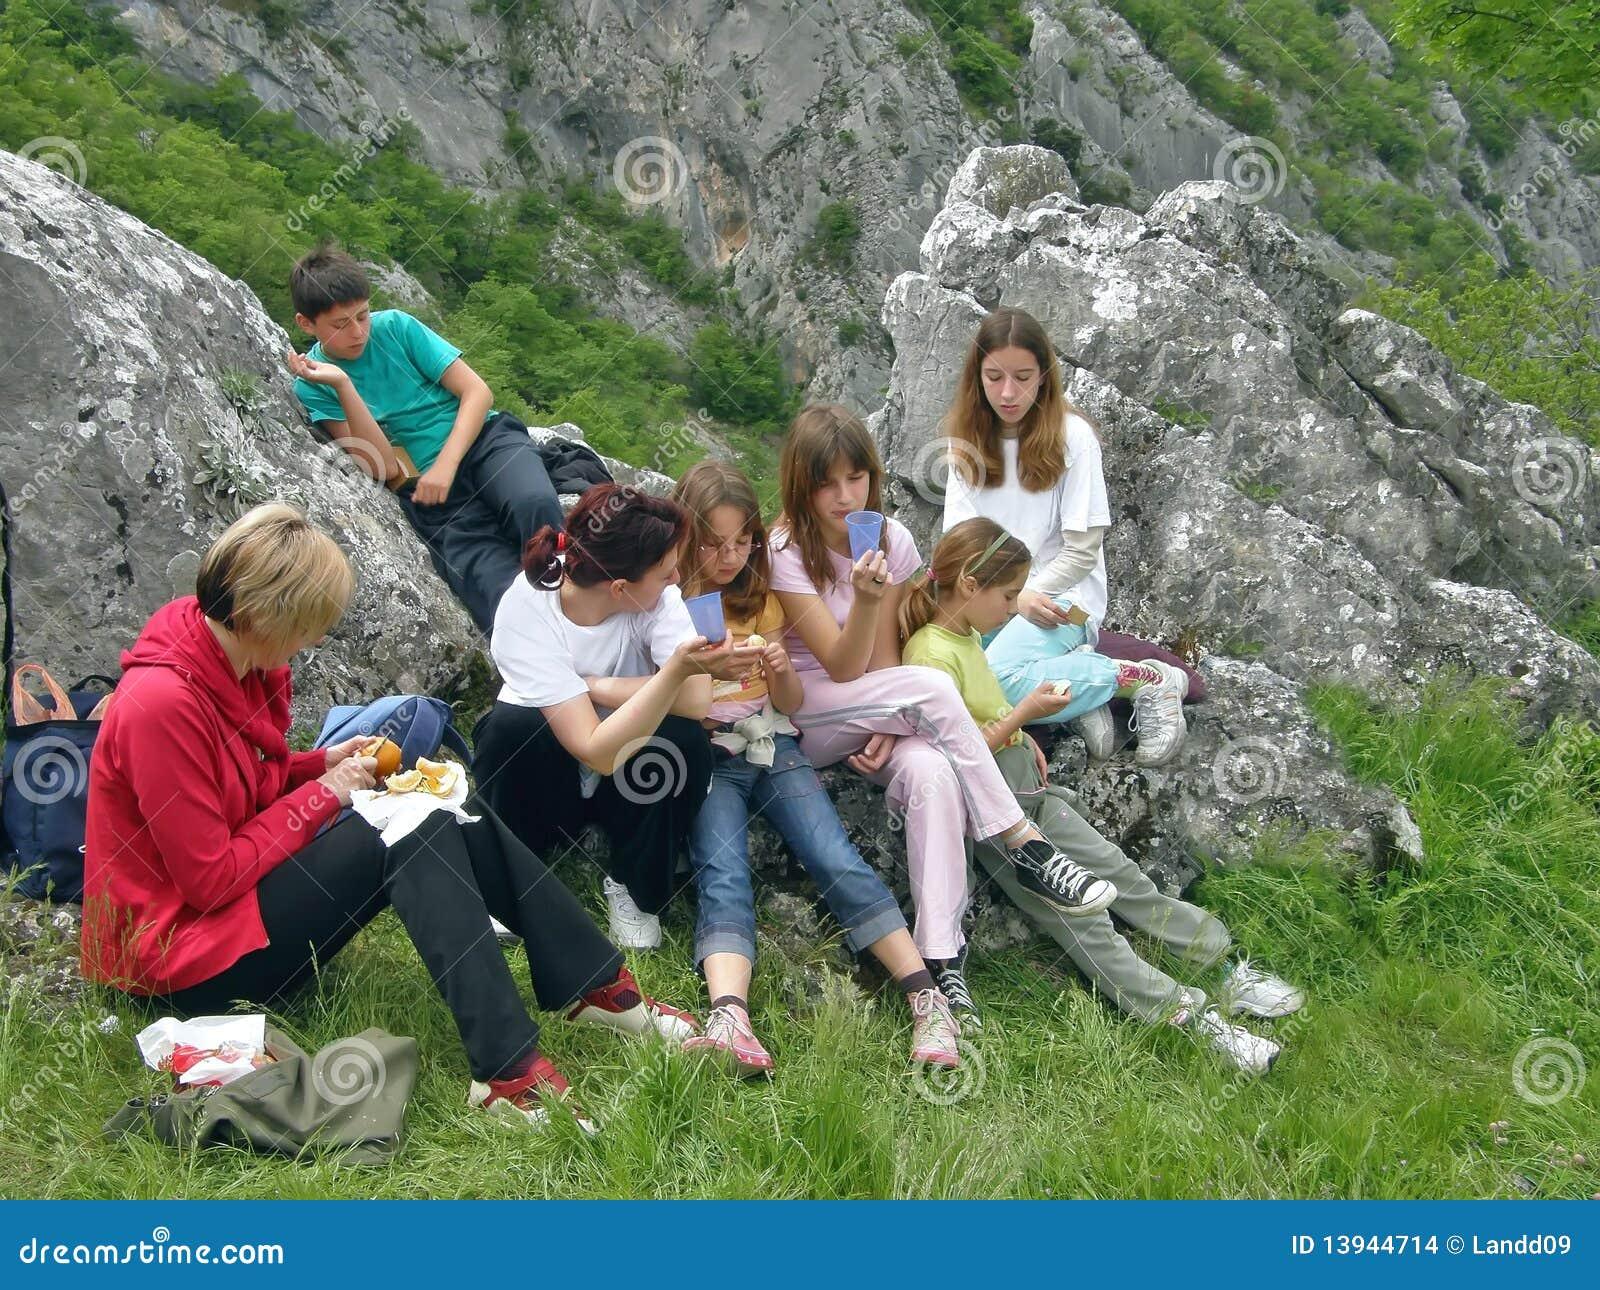 Mujeres y niños en picnick en la montaña